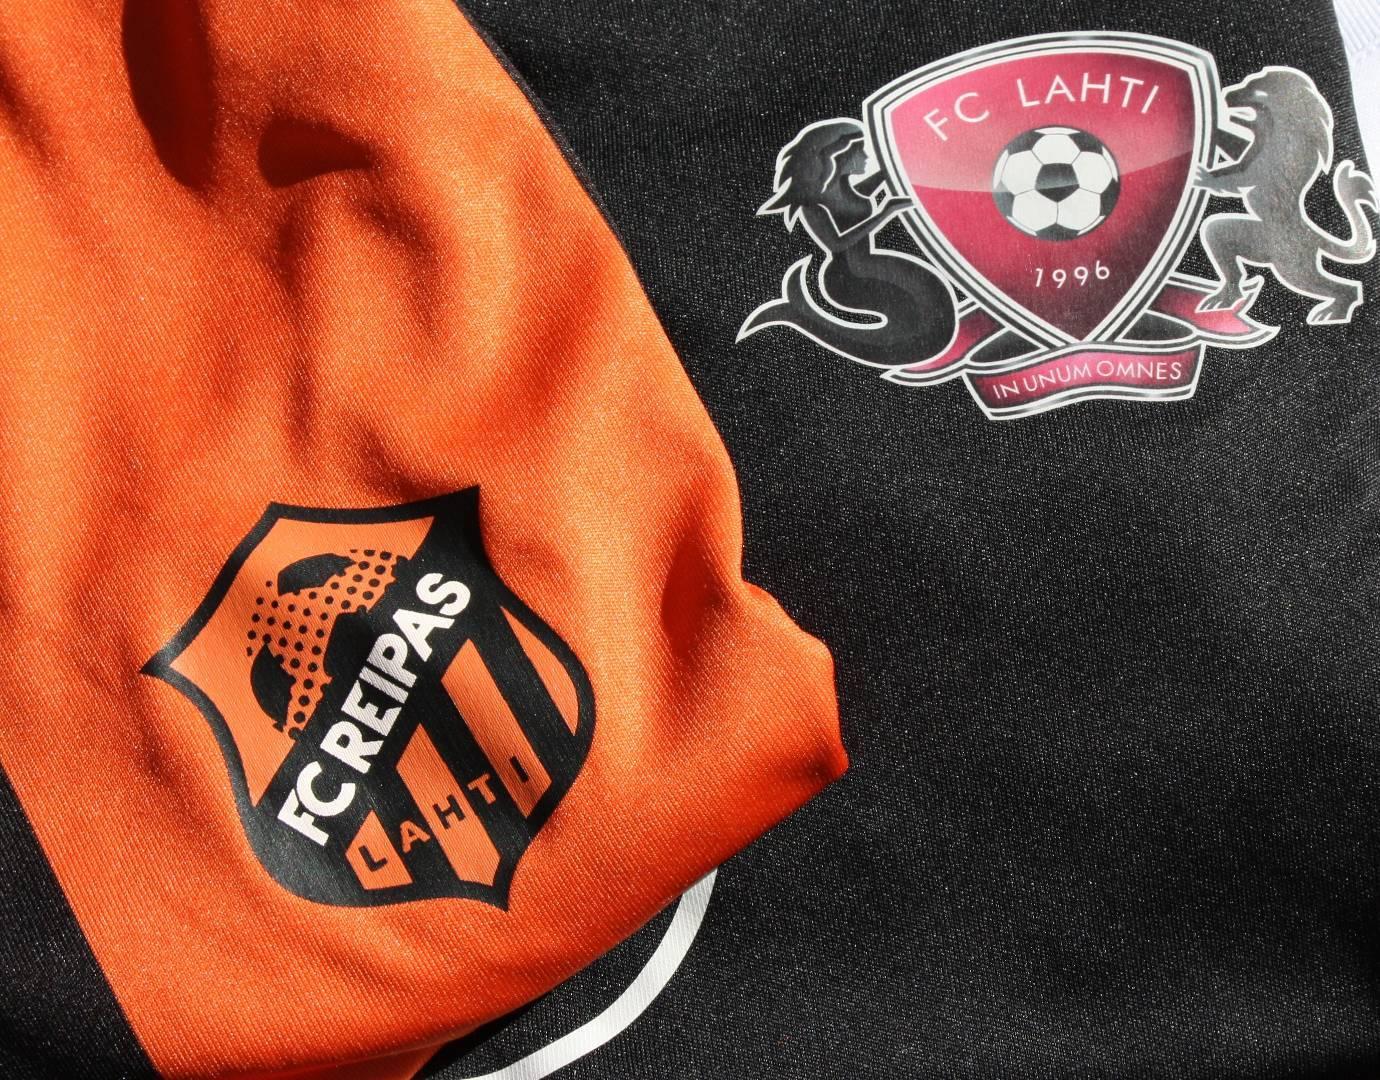 Huomioi FC Lahden otteluiden erityisjärjestelyt